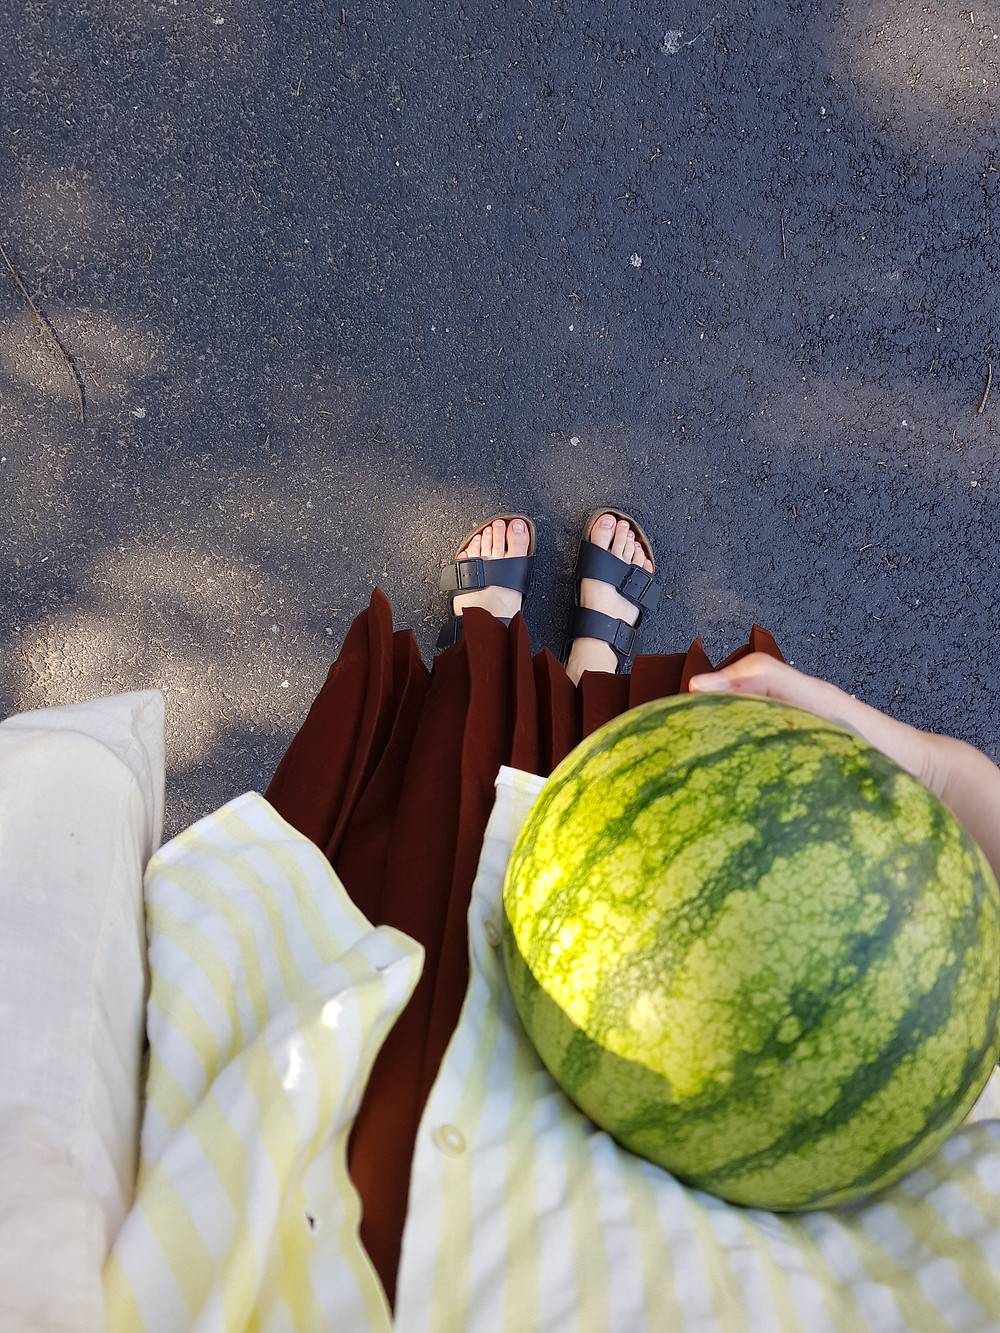 Olen ottanut kuvan itse ylhäältä alaspäin ja kuvassa näkyvät varpaani, hame ja paita sekä sylissä kantamani vesimeloni.